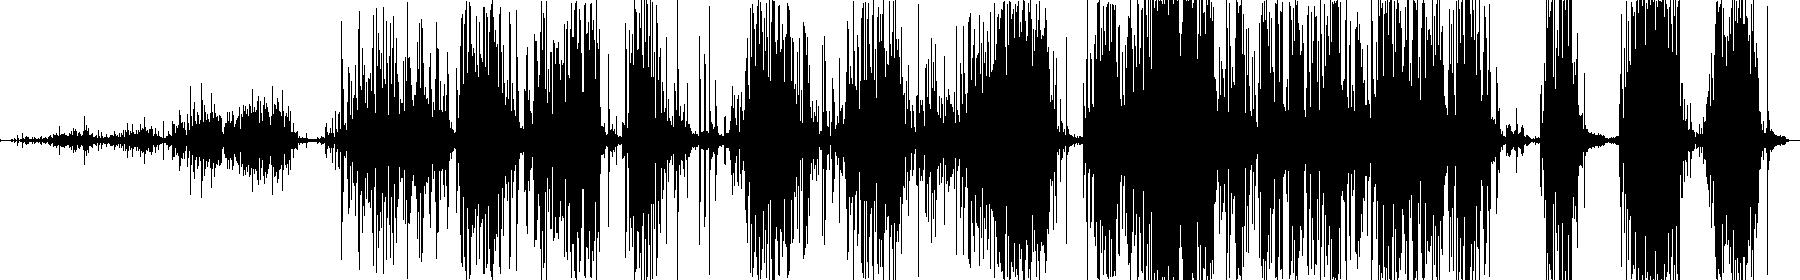 glitchy scratchy noise 118bpm